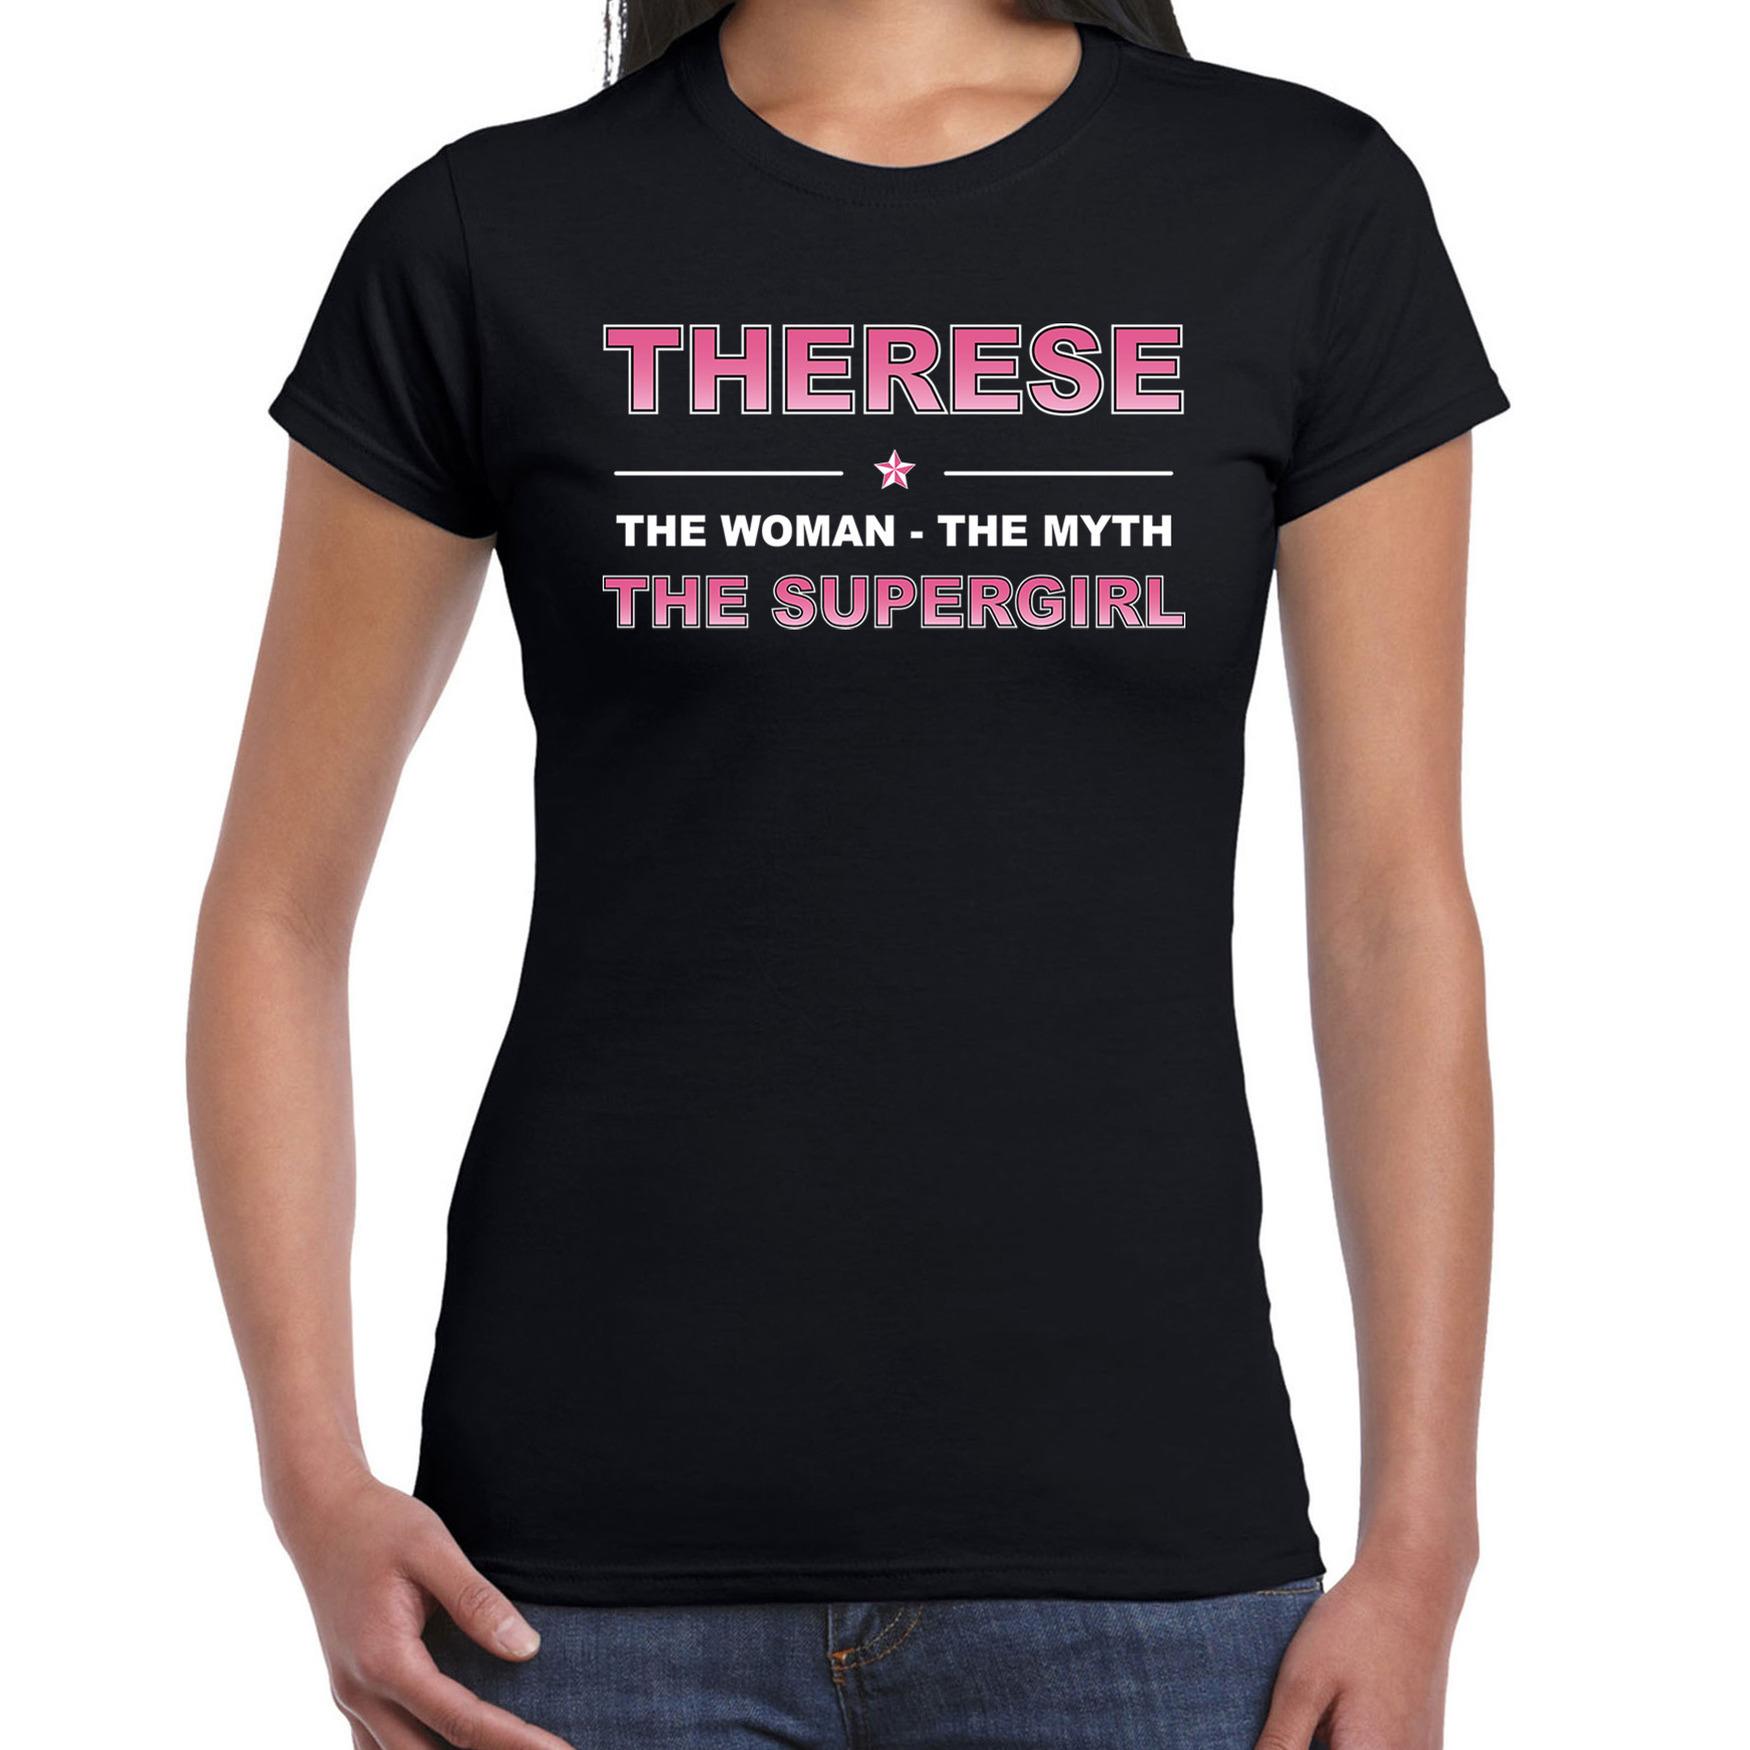 Naam cadeau t-shirt / shirt Therese - the supergirl zwart voor dames